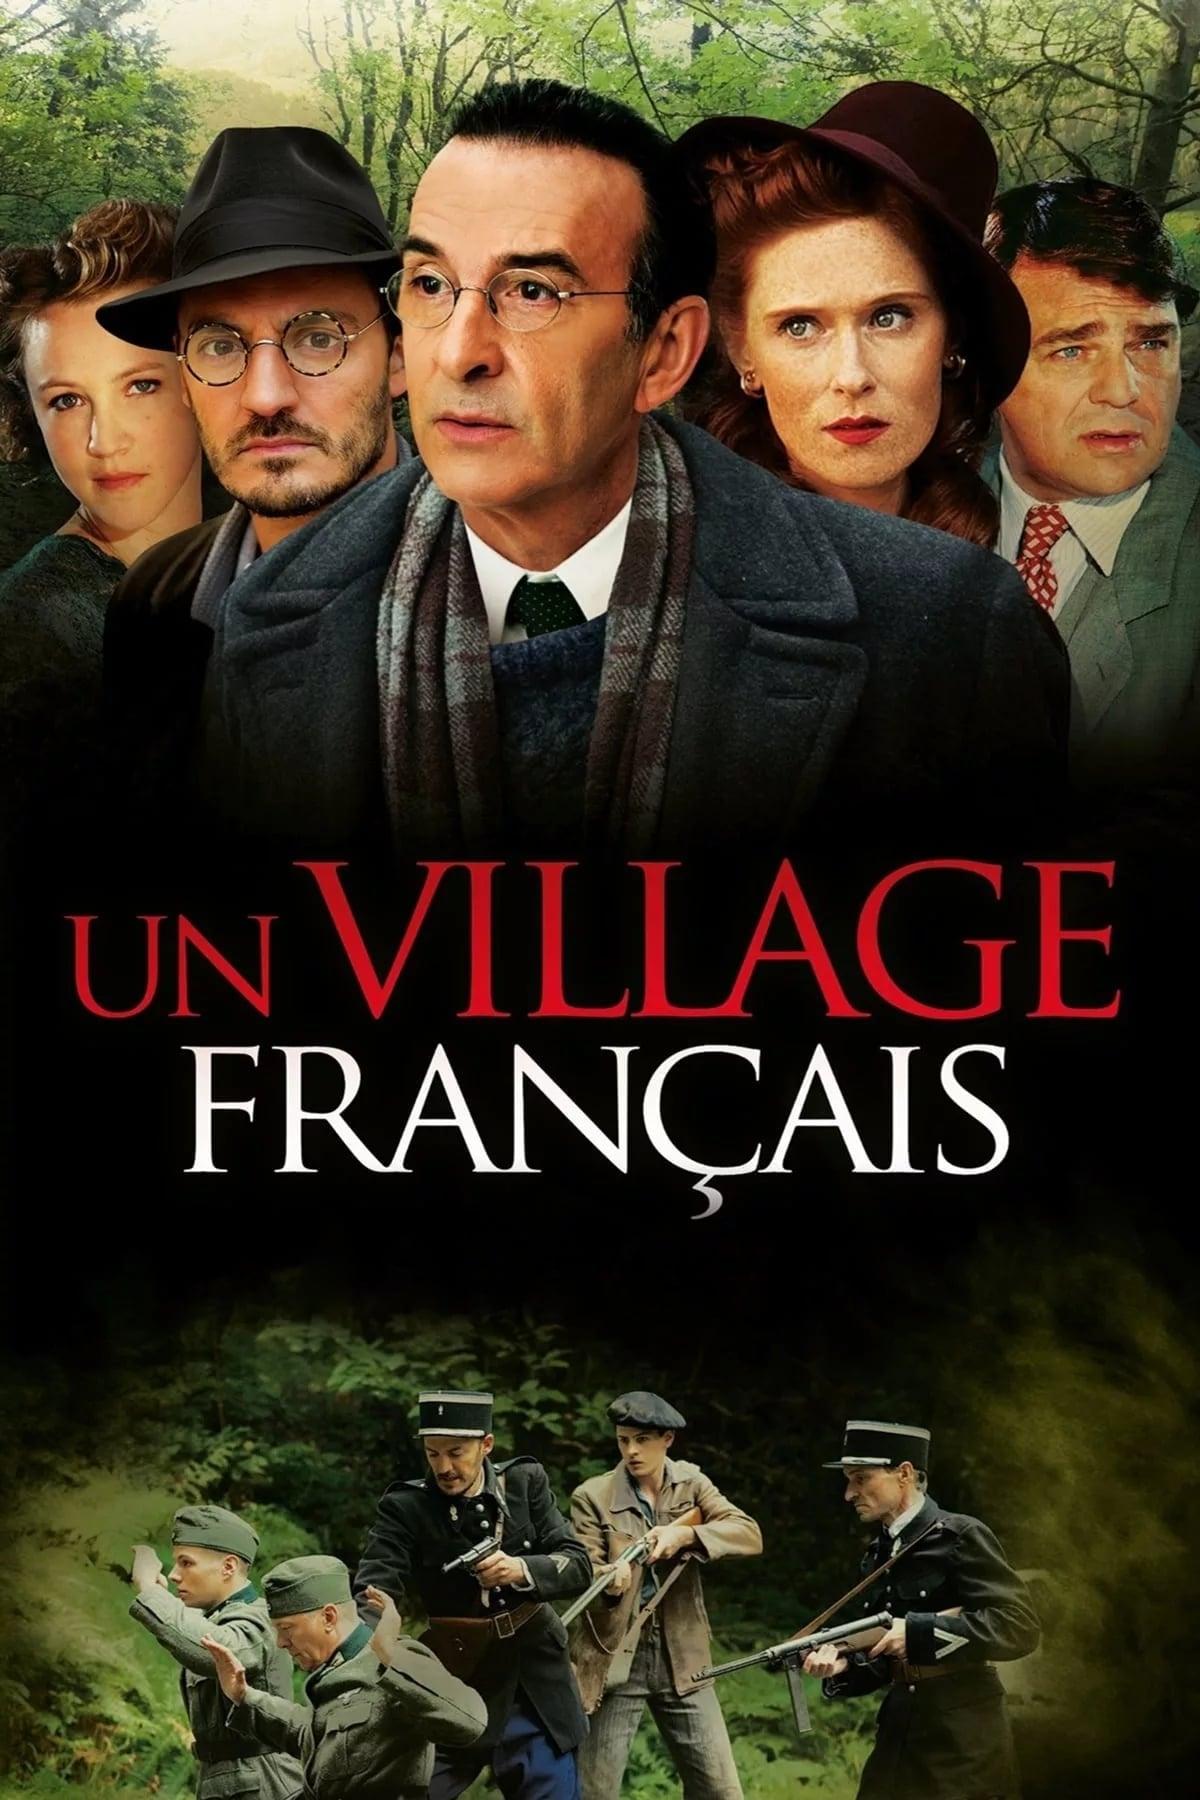 Un village français TV Shows About 1940s